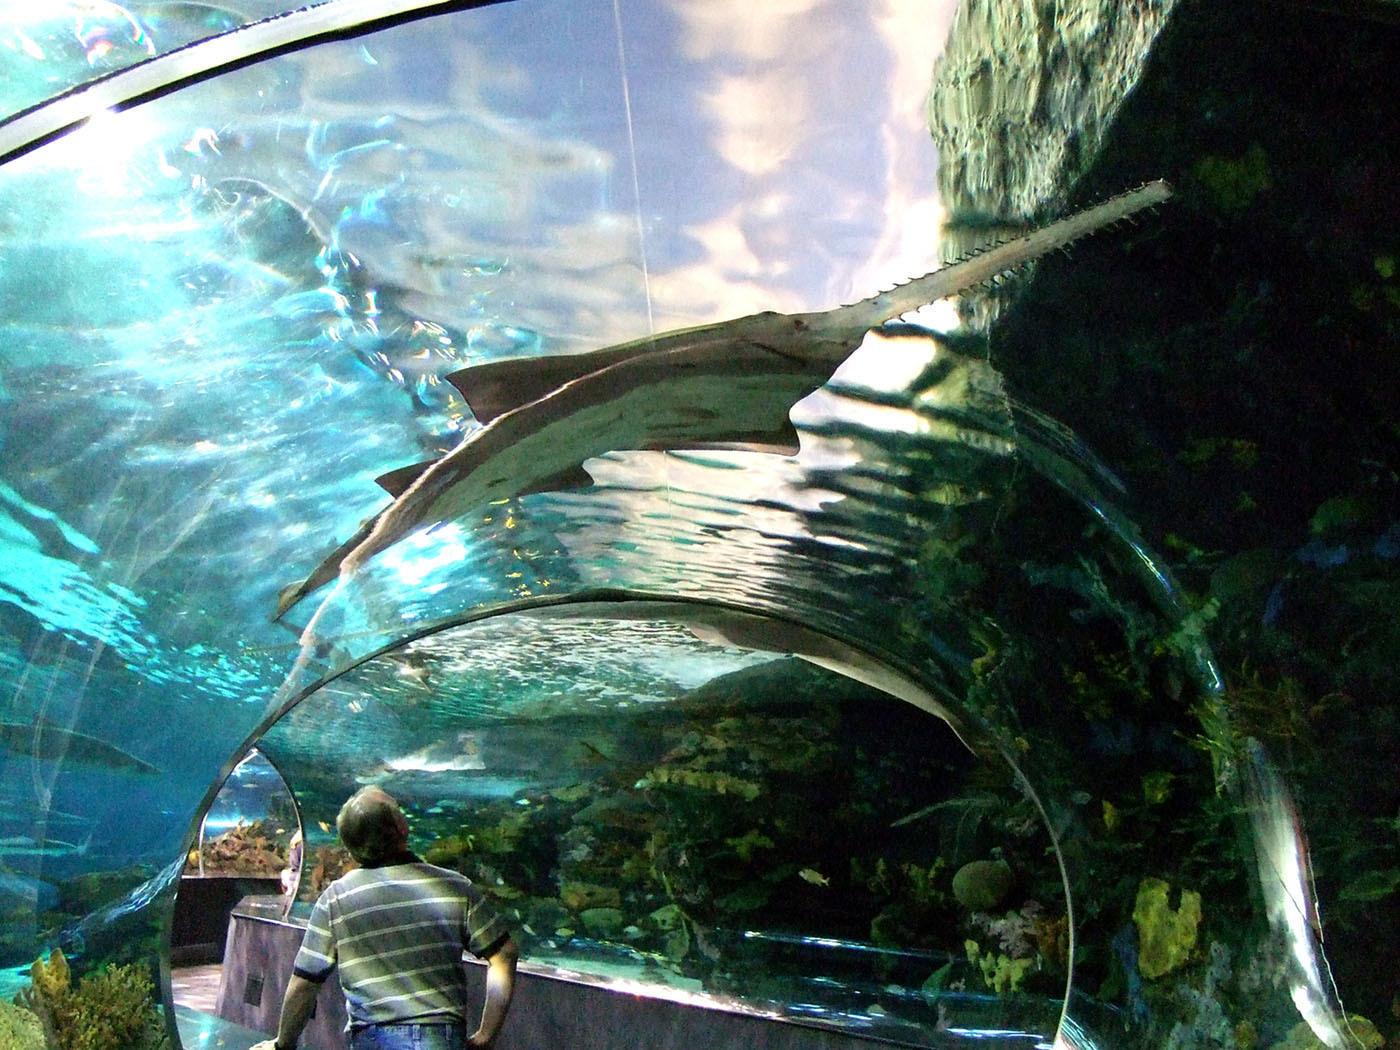 Ripley S Aquarium Gatlinburg Tour